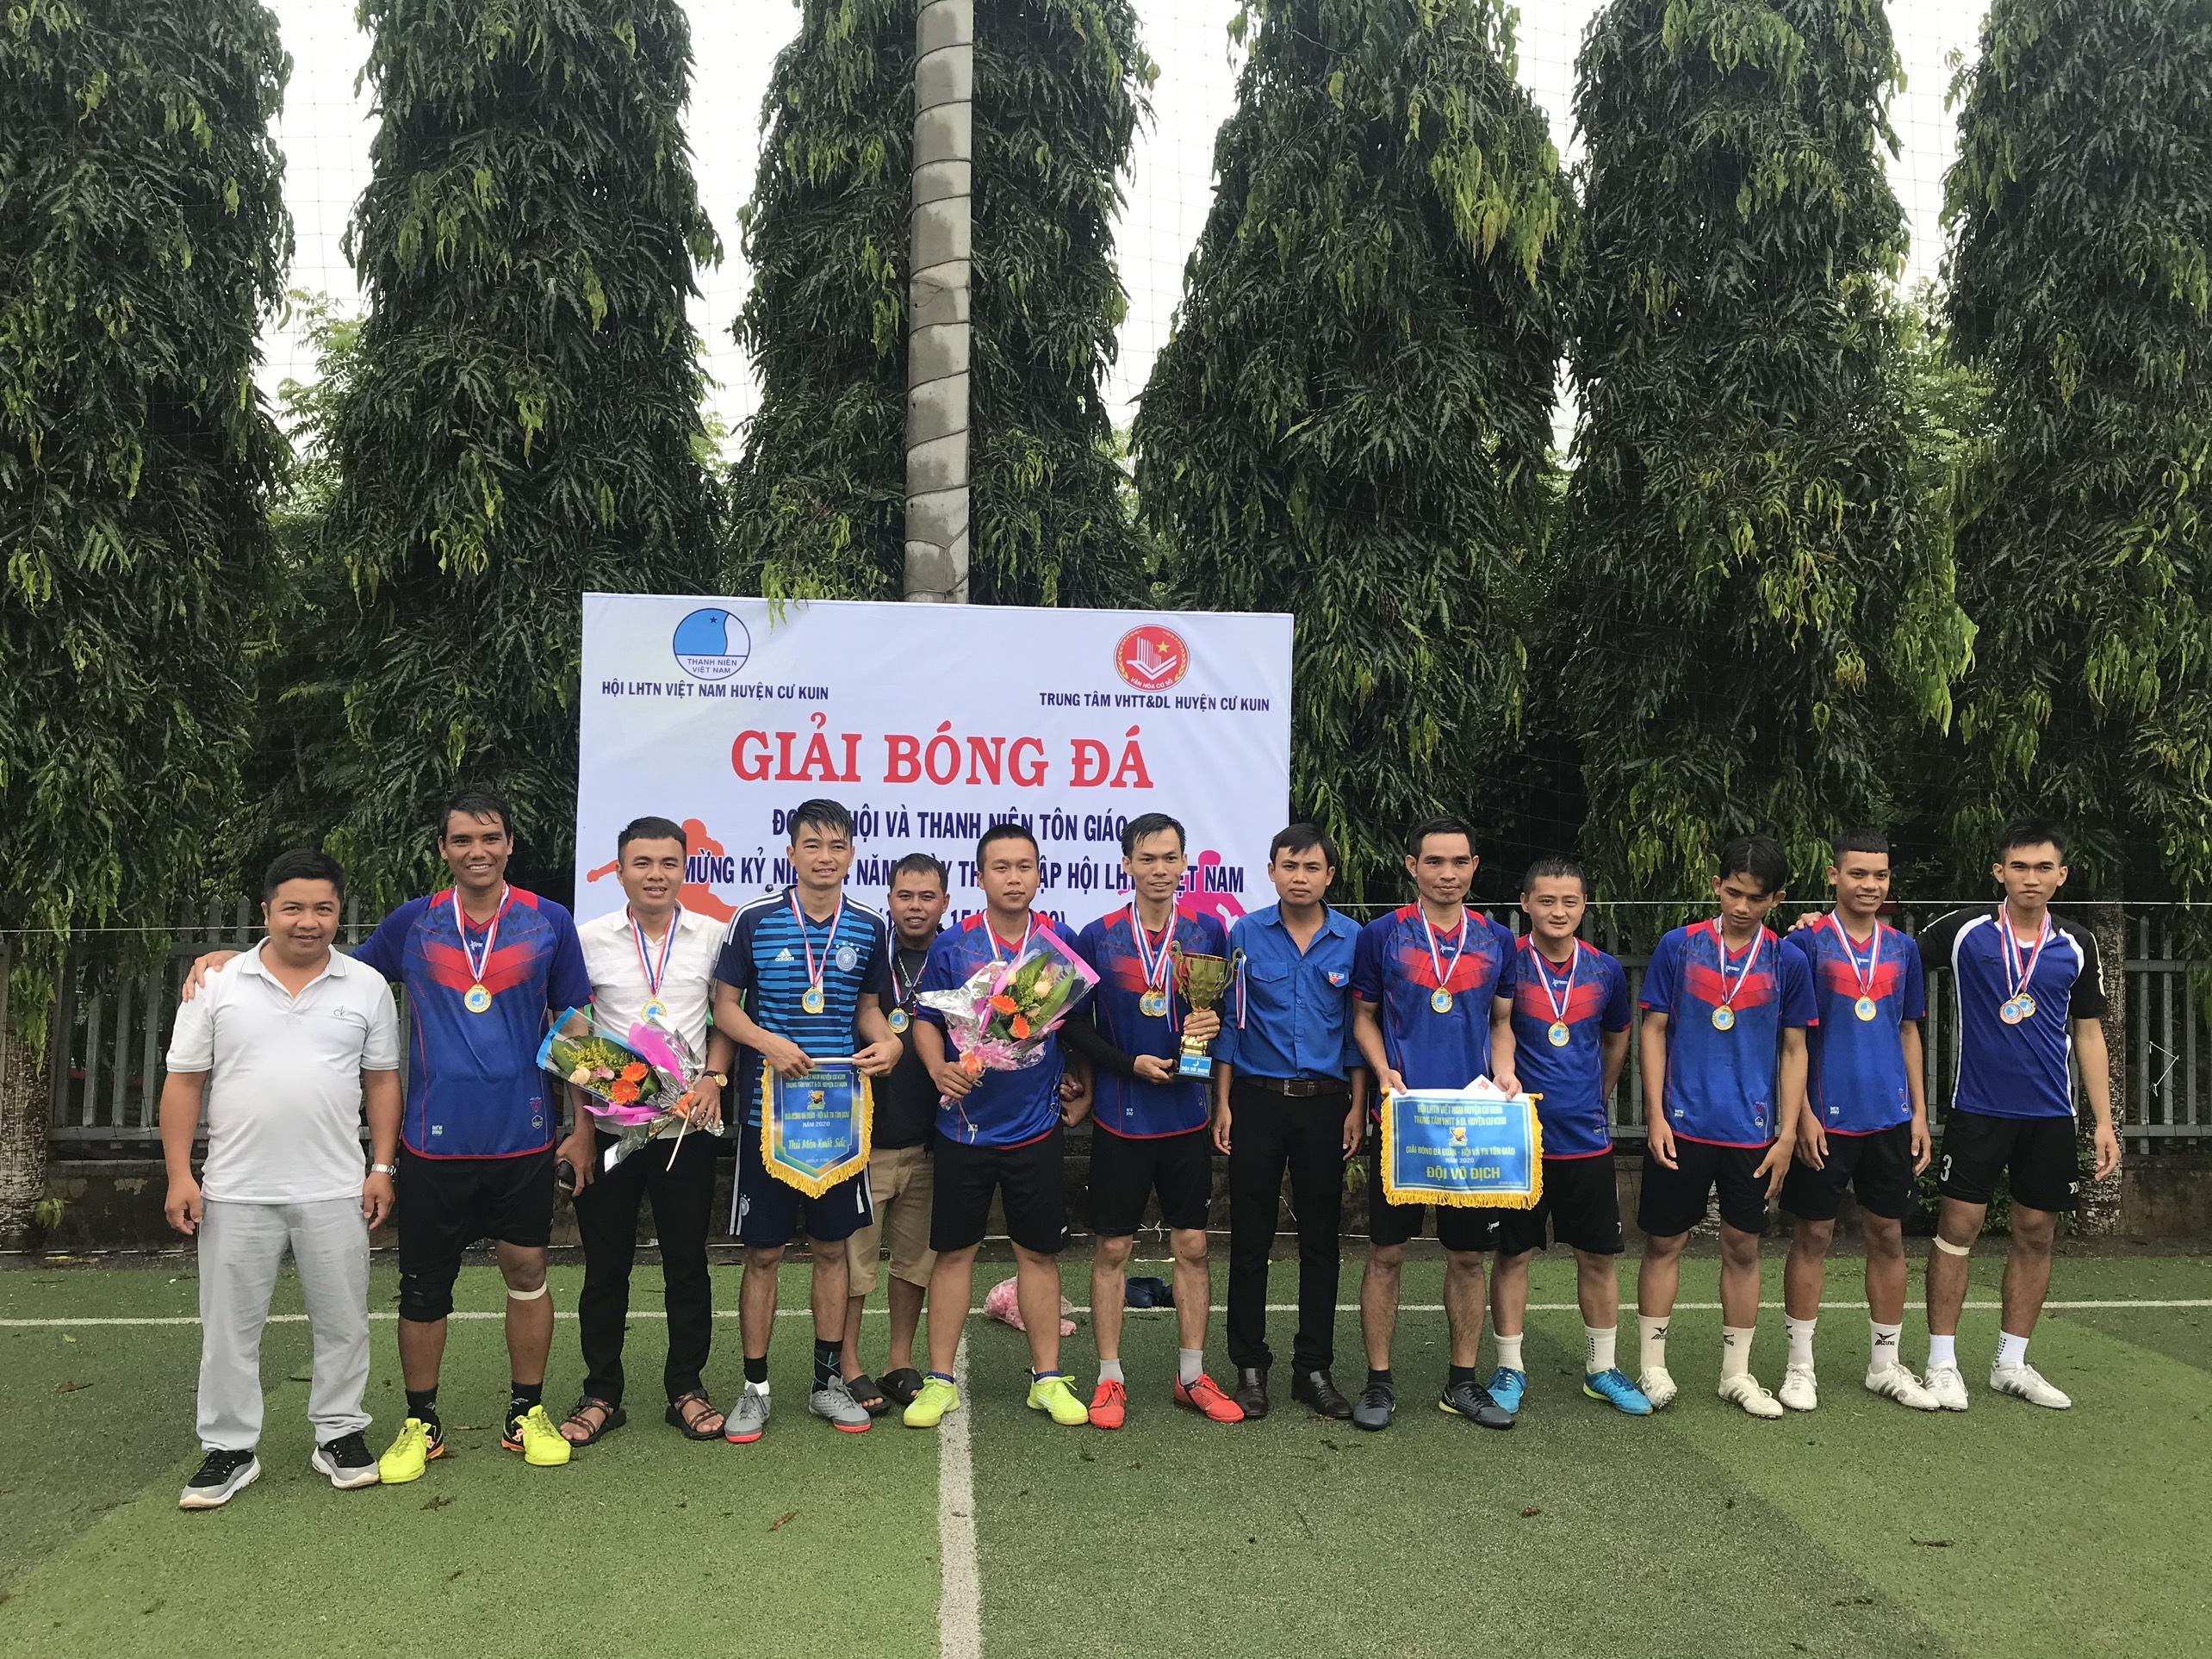 Giải bóng đá Đoàn - Hội và Thanh niên tôn giáo huyện Cư Kuin năm 2020